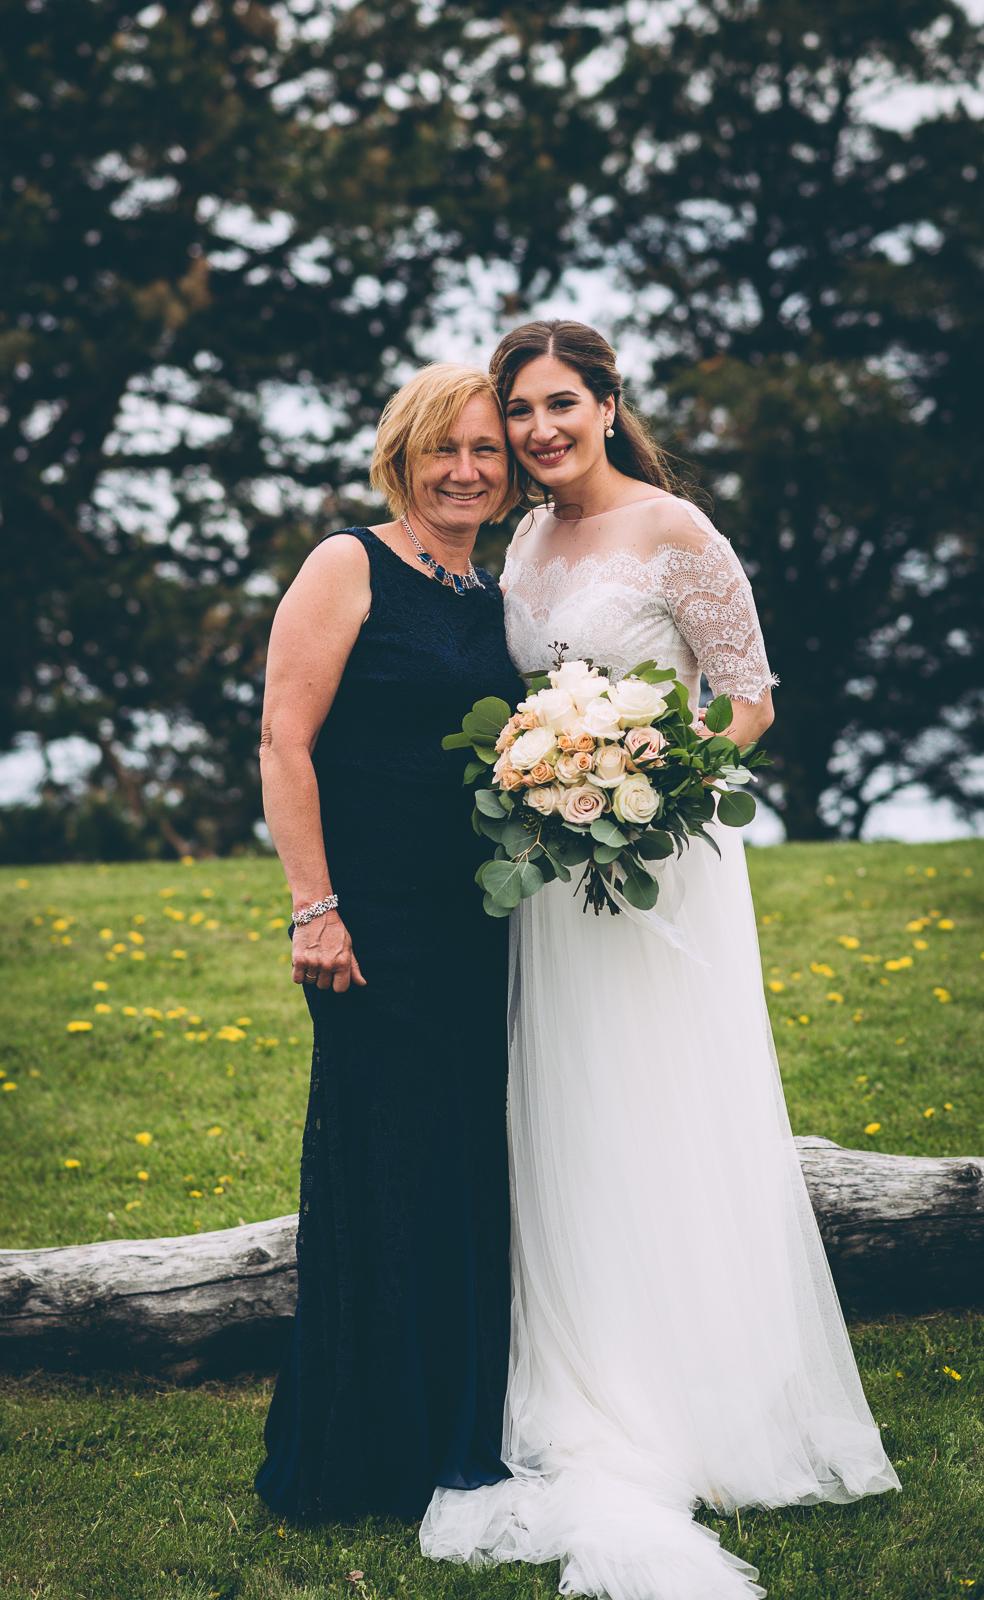 katherine_scott_wedding_blog-37.jpg